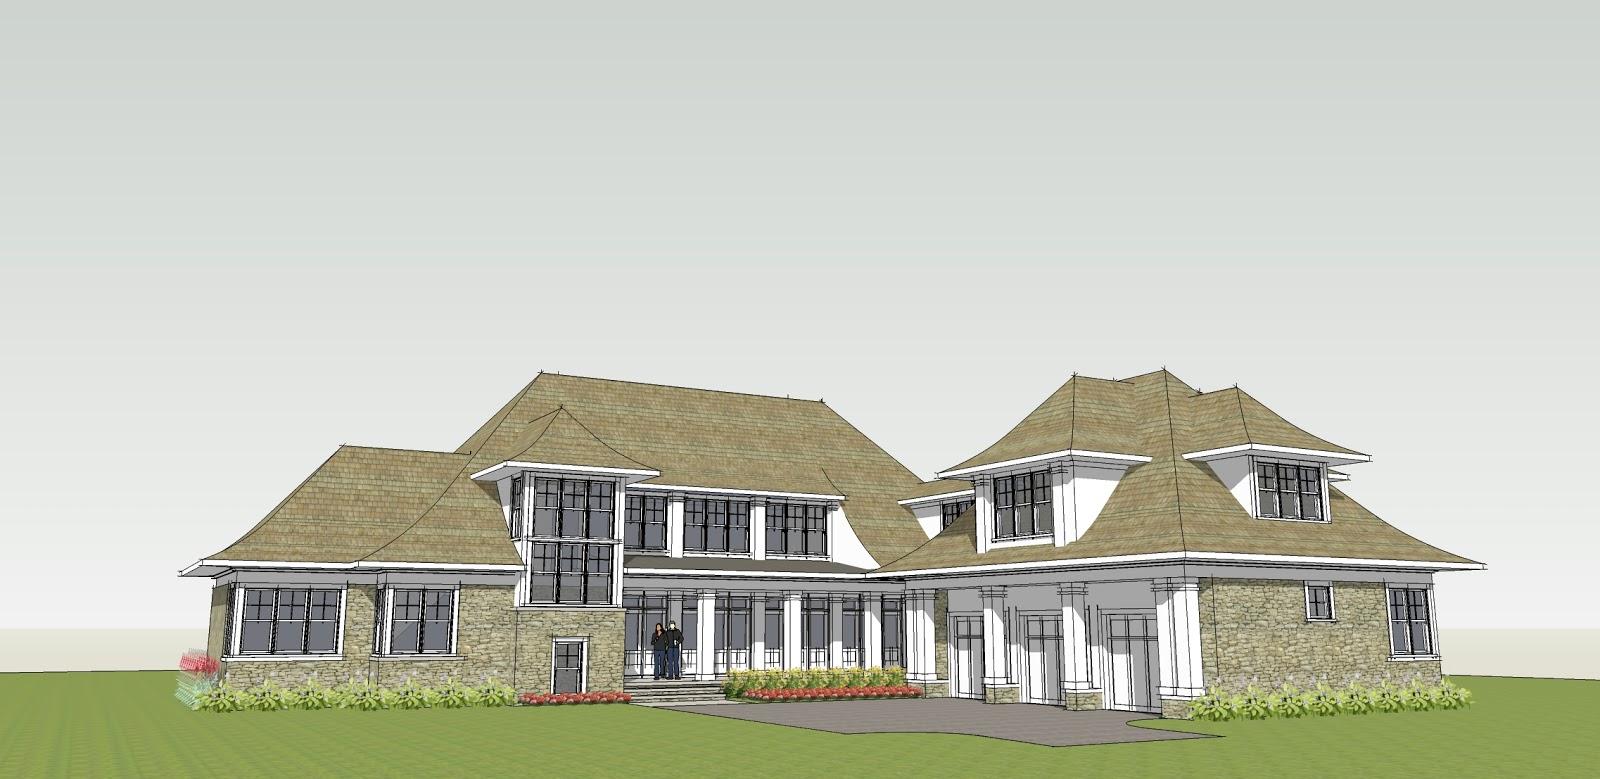 simply elegant home designs blog august 2013. Black Bedroom Furniture Sets. Home Design Ideas